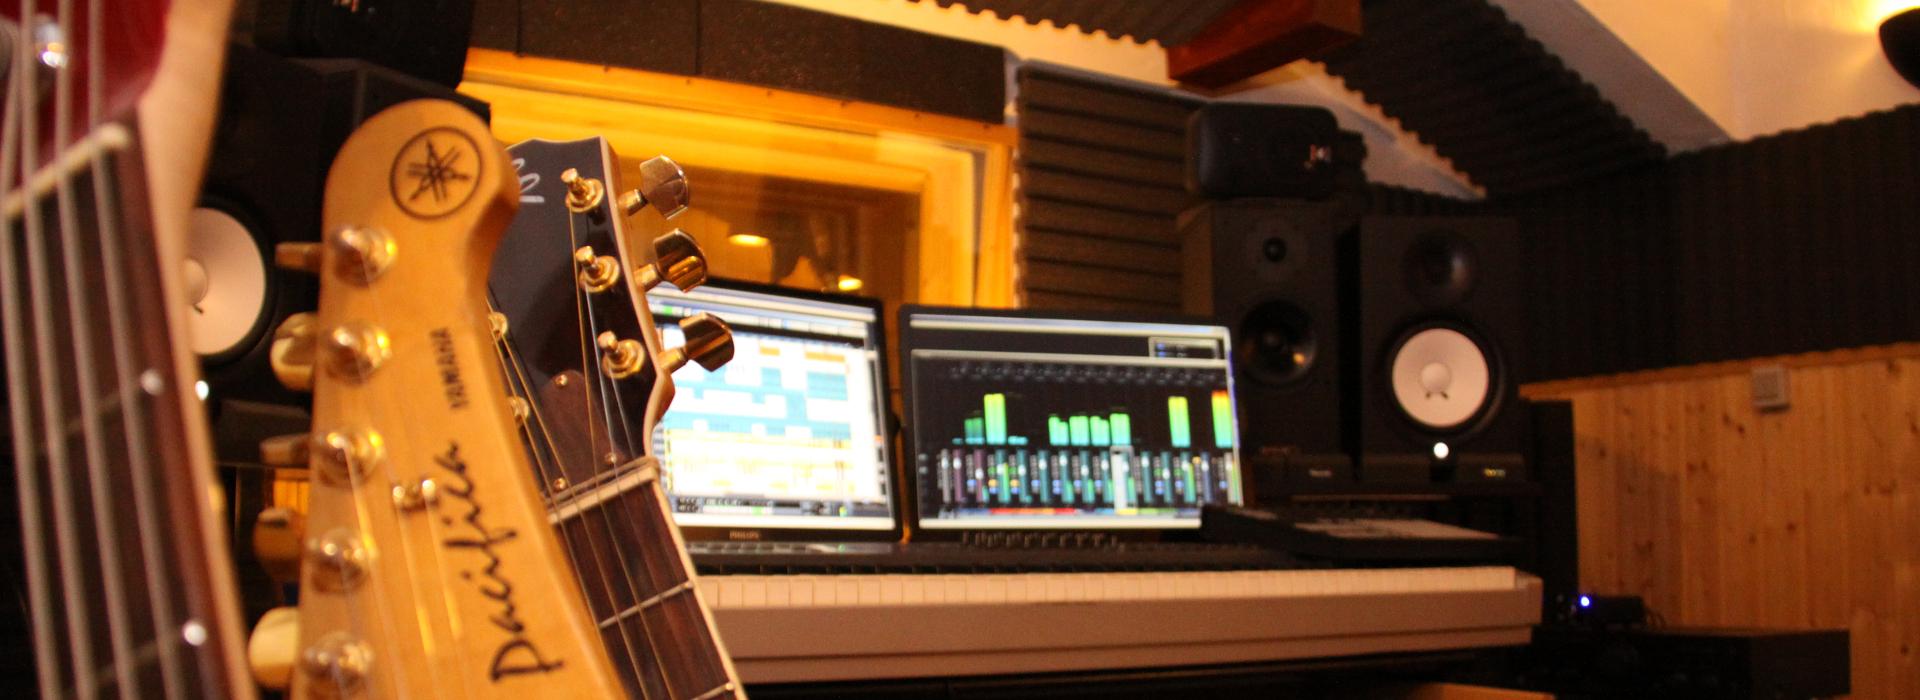 Tonstudio Wien - Regieraum